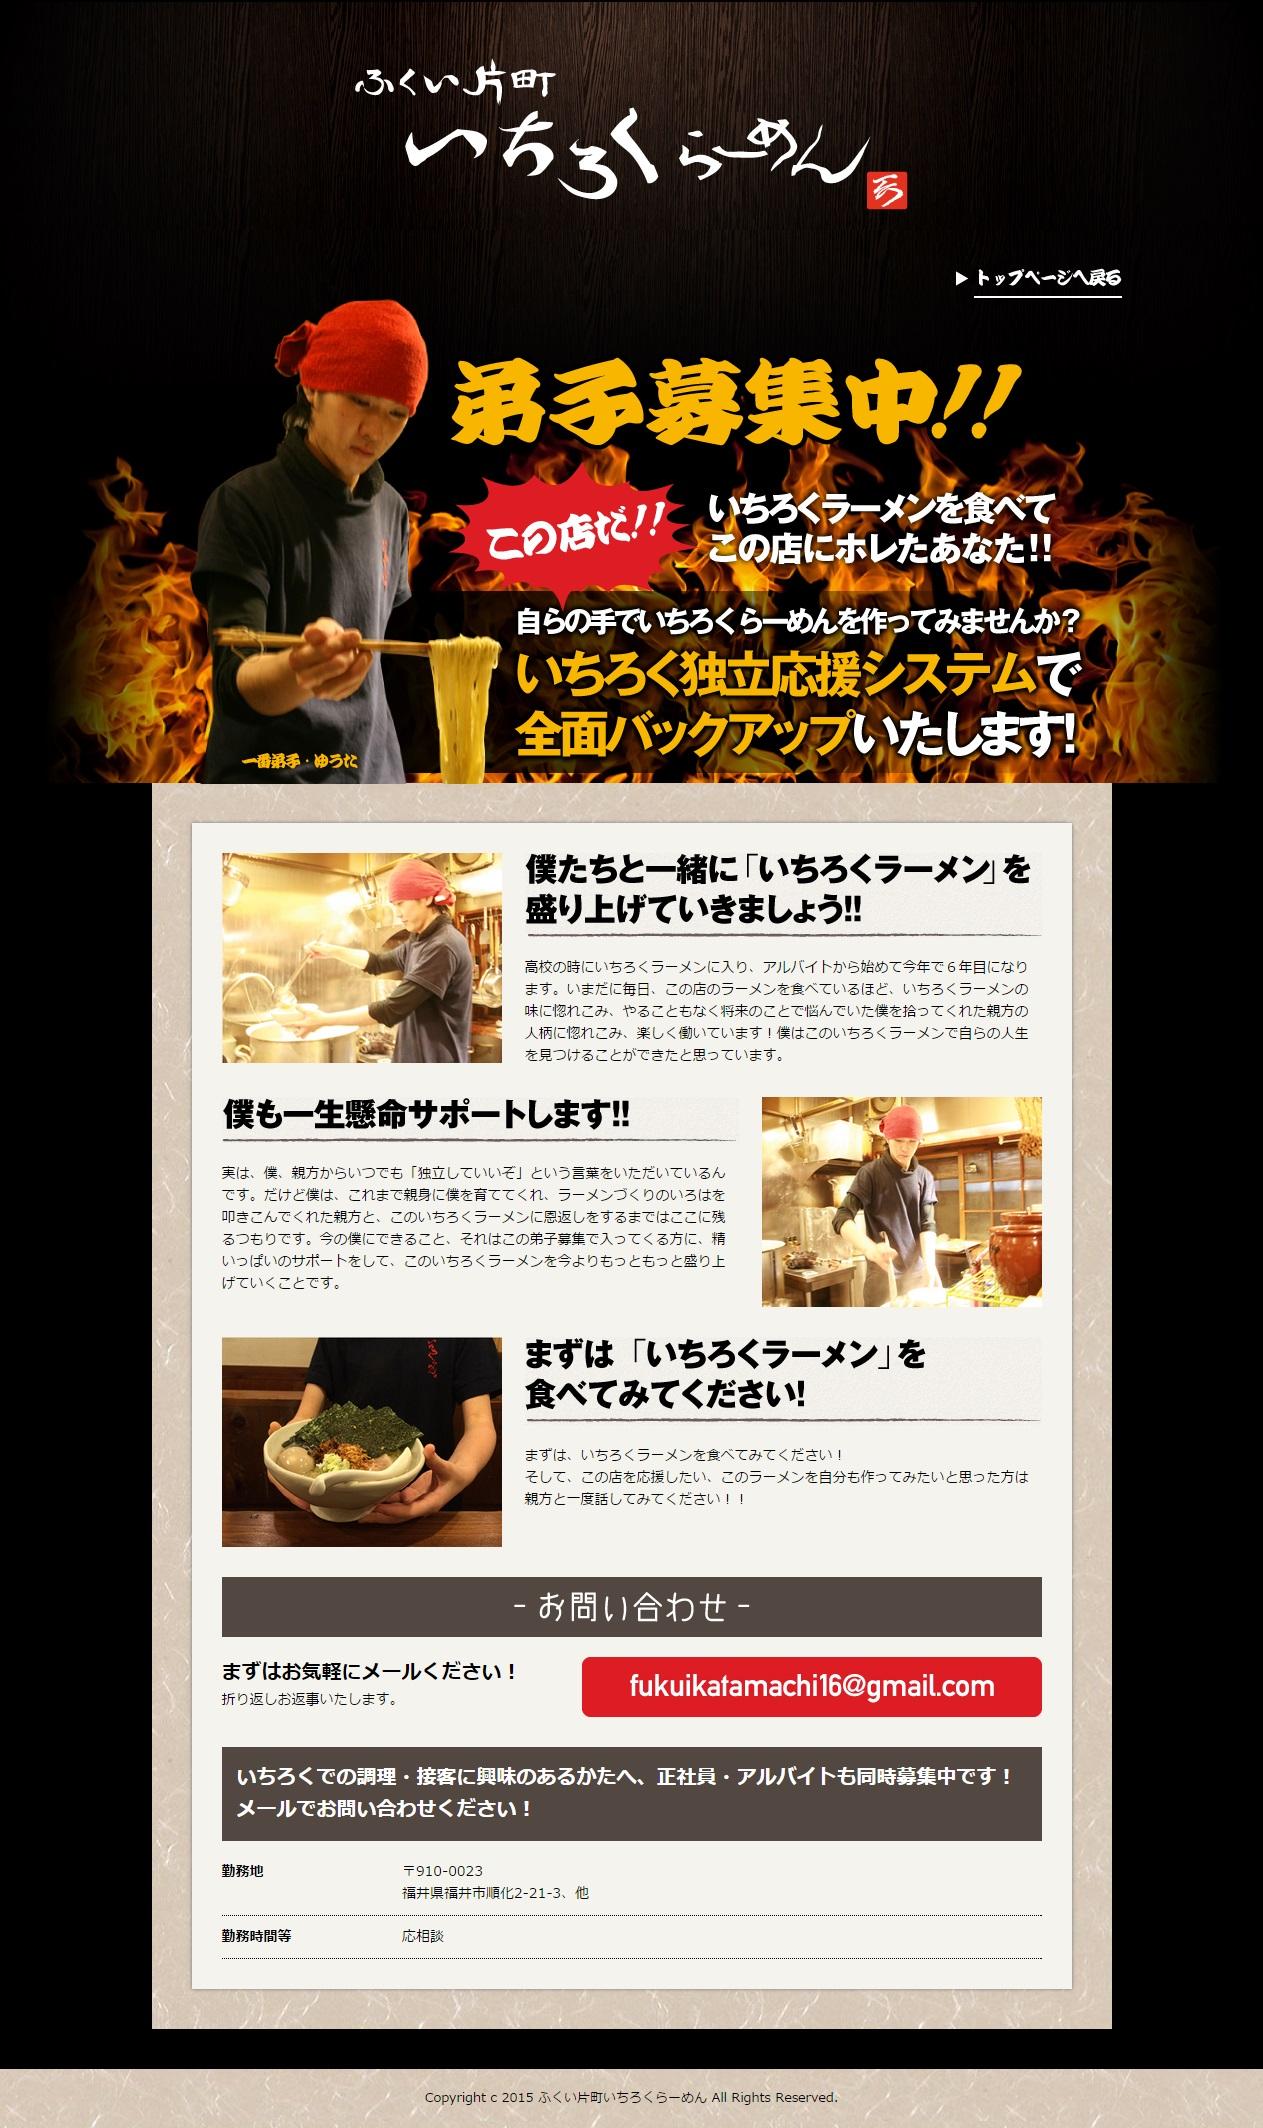 いちろくラーメン弟子募集   福井片町のラーメン屋さん